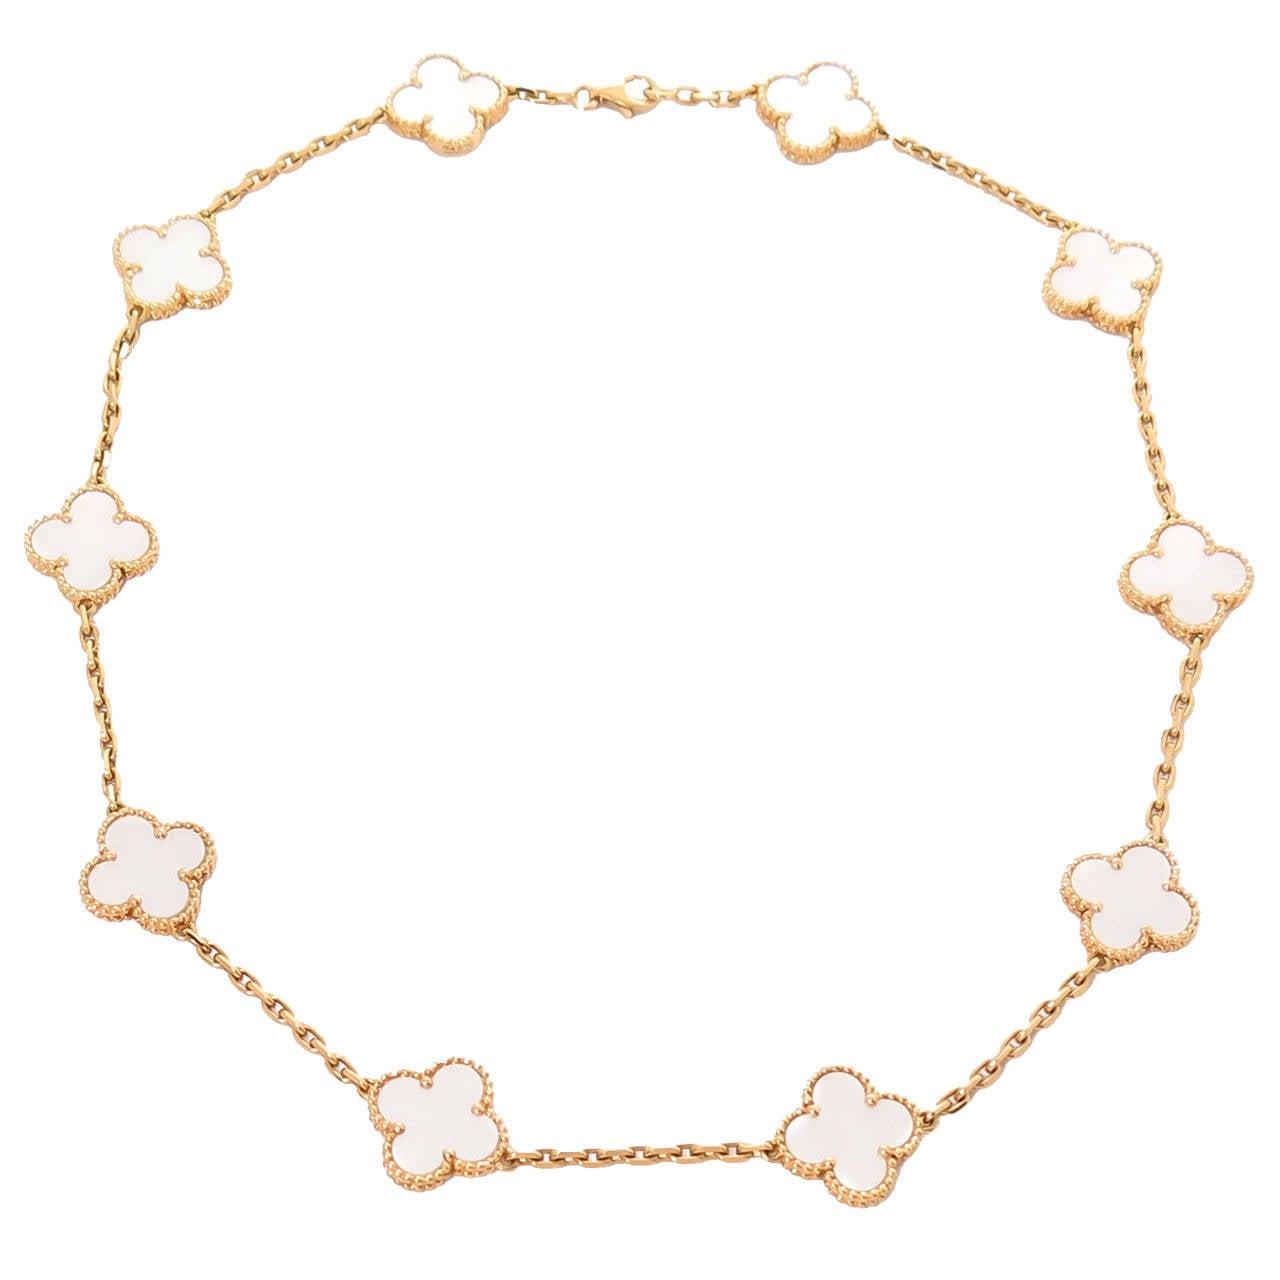 Van Cleef & Arpels Alhambra Ten Motif Mother of Pearl Necklace 1